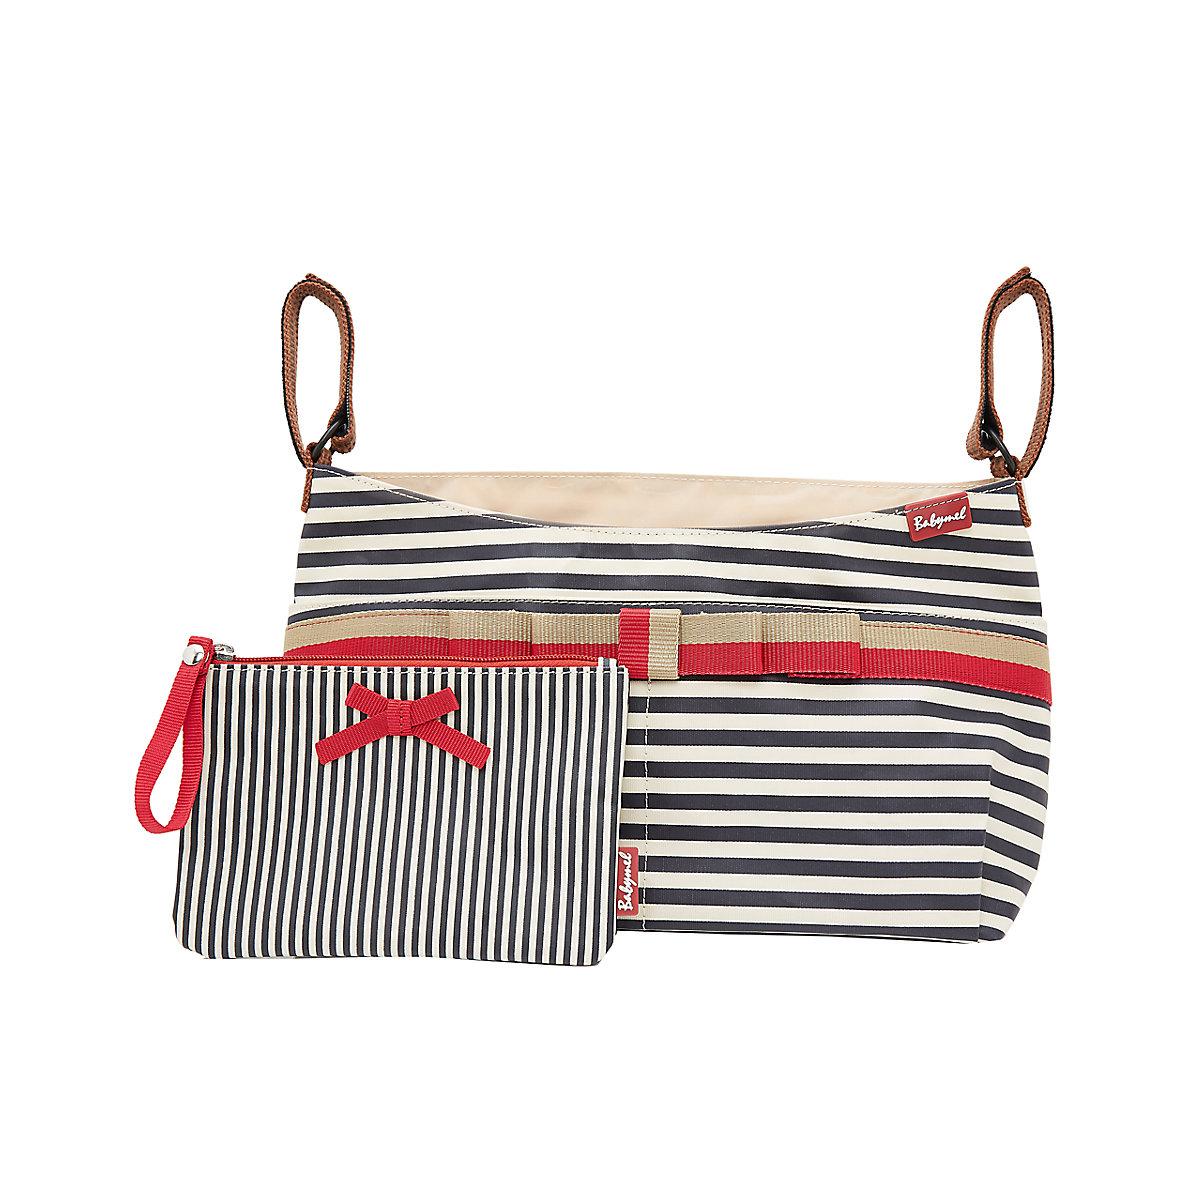 Babymel stroller organiser - navy stripe